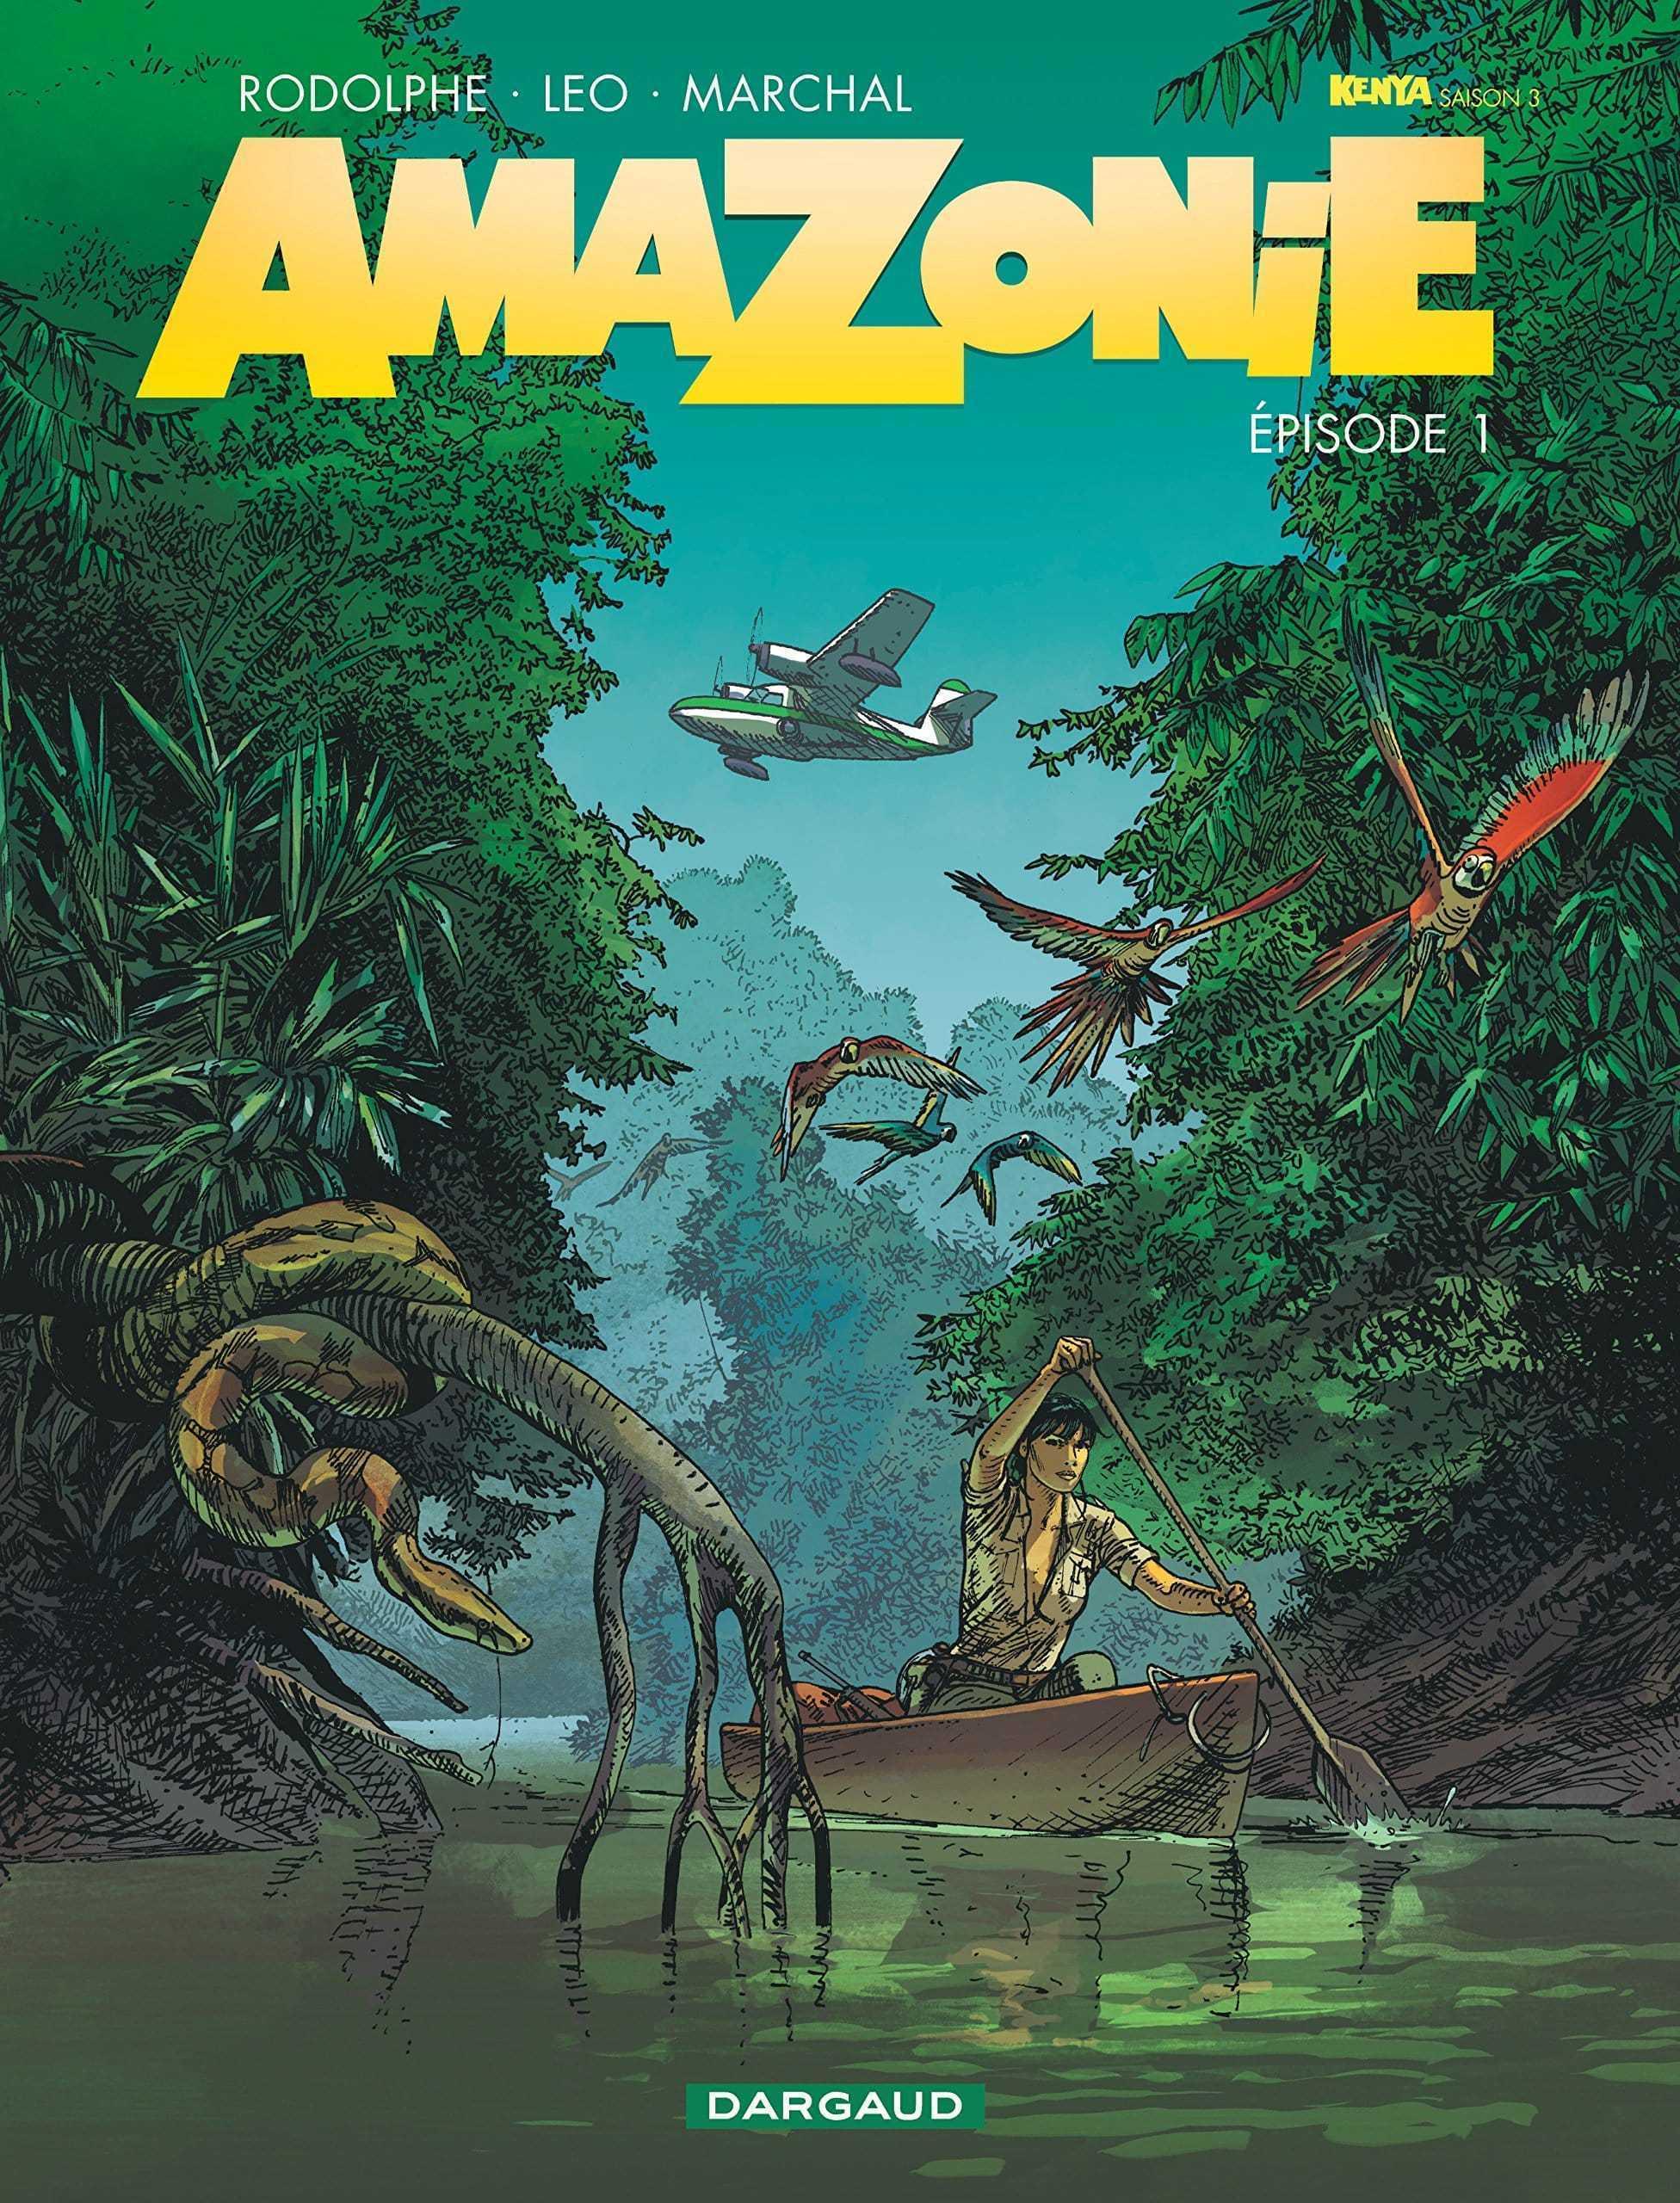 Amazonie, Kathy Austin sur la piste d'un extra-terrestre avec Leo et Rodolphe